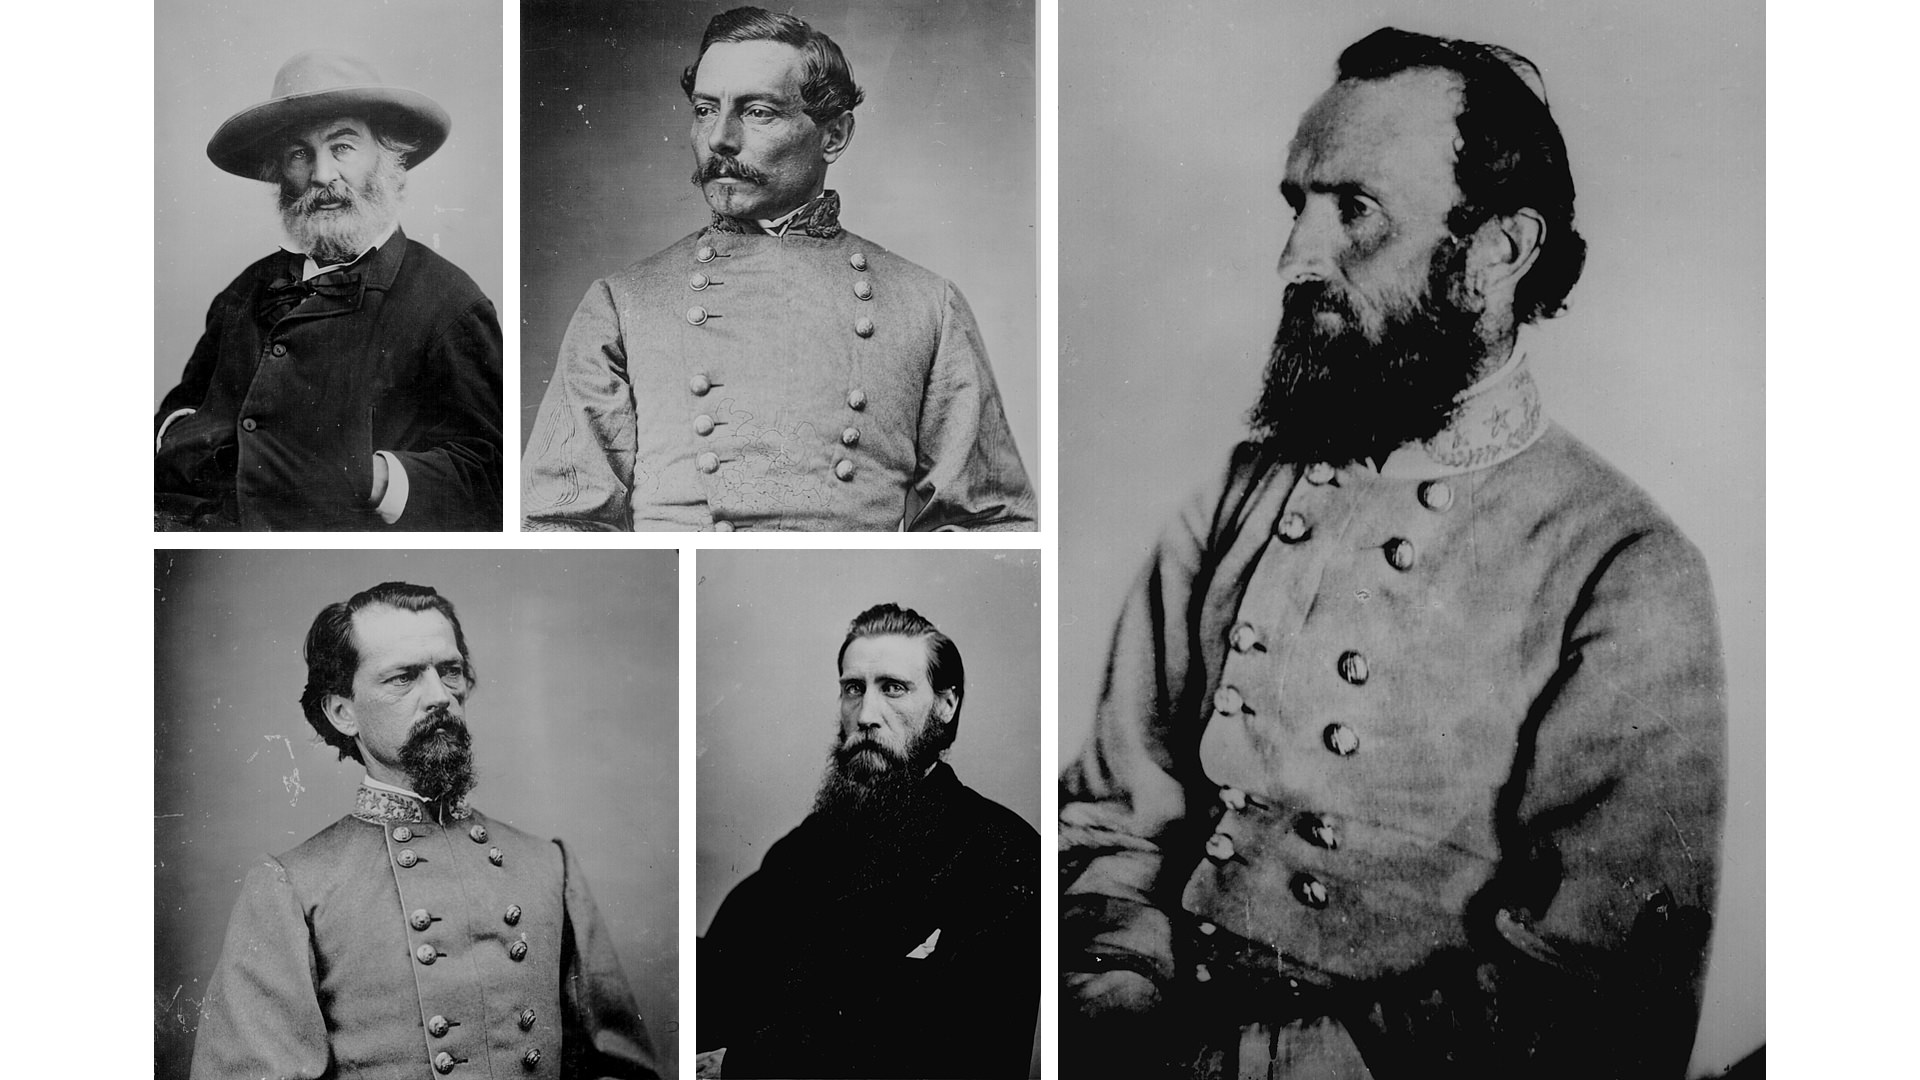 Guerra de Secesión - Retratos - Historia de la Fotografía - José Álvarez Fotografía